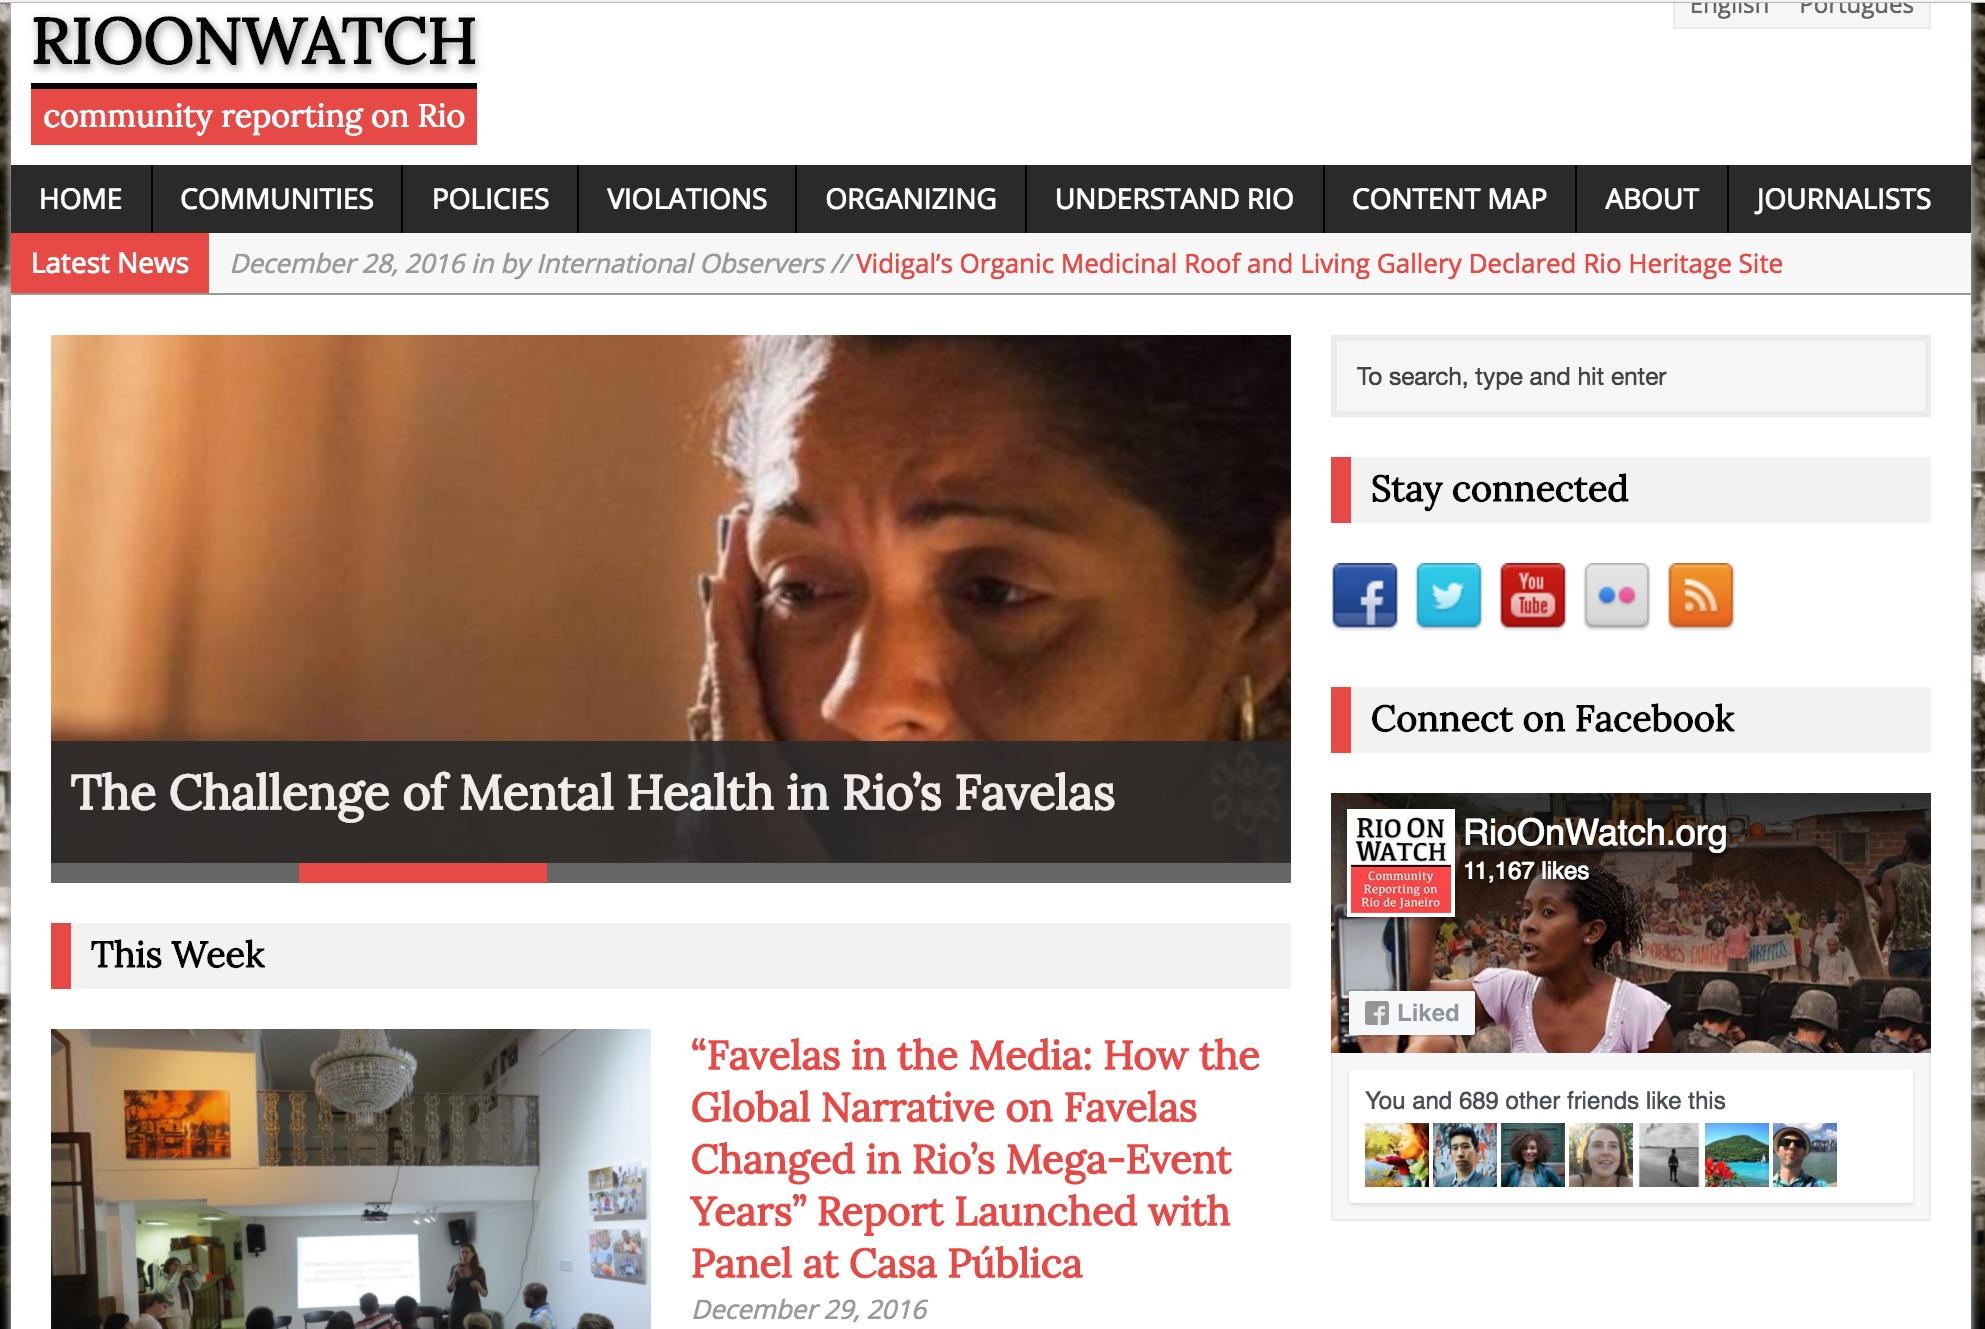 RioOnWatch homepage, December 29, 2016